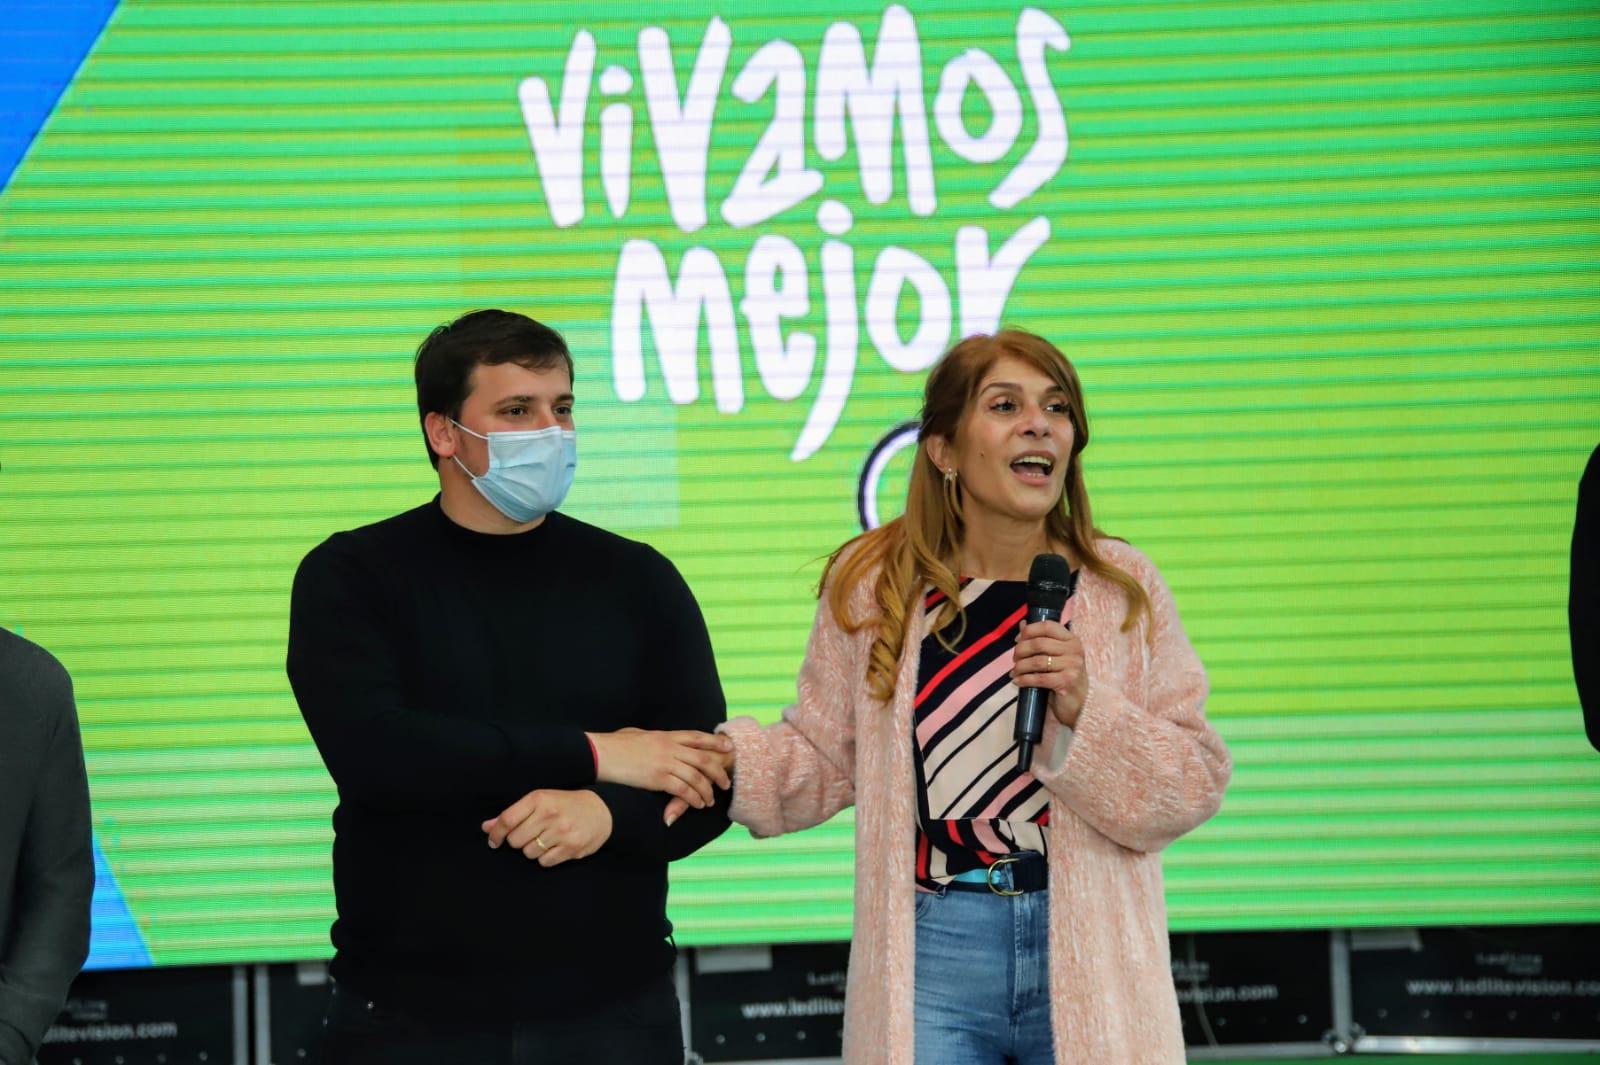 La Municipalidad de Avellaneda entregó subsidios a instituciones barriales